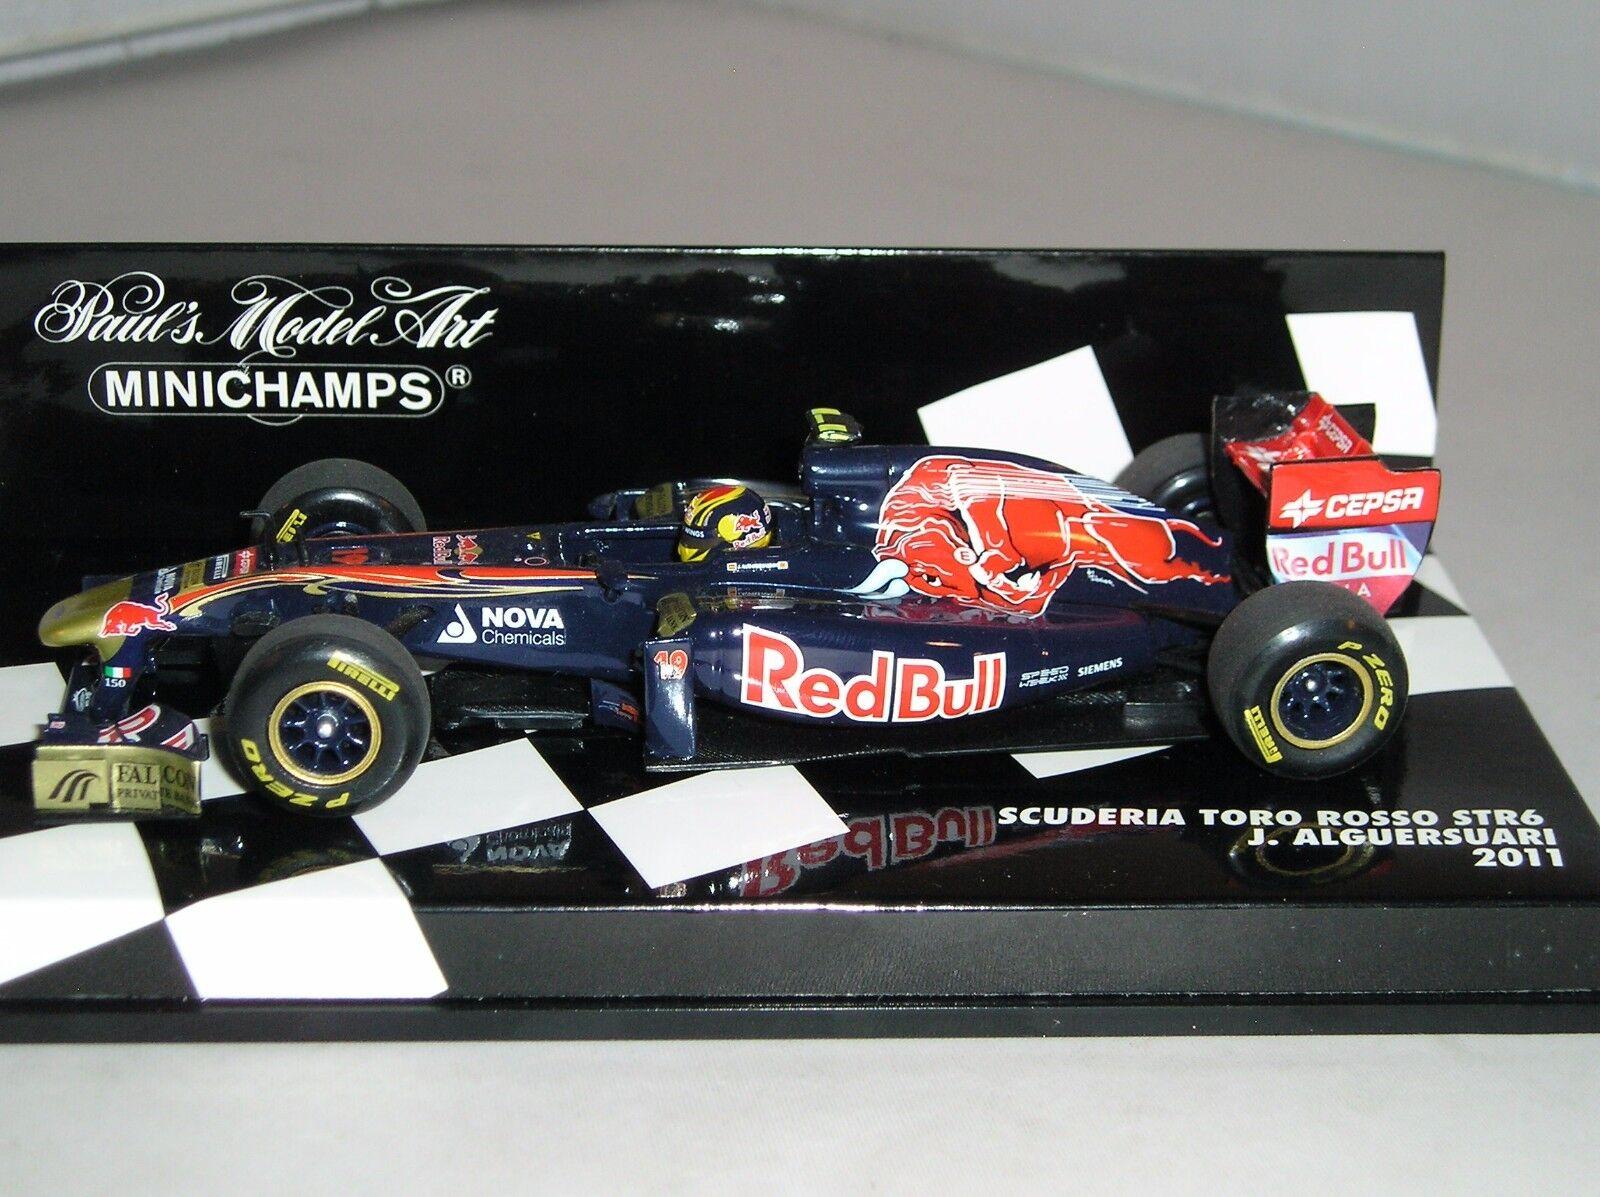 sport caldi Minichamps 410110019 410110019 410110019 Scuderia Toro Rosso STR6 F1 Auto 2011 J Alguersuari 1 43  migliori prezzi e stili più freschi